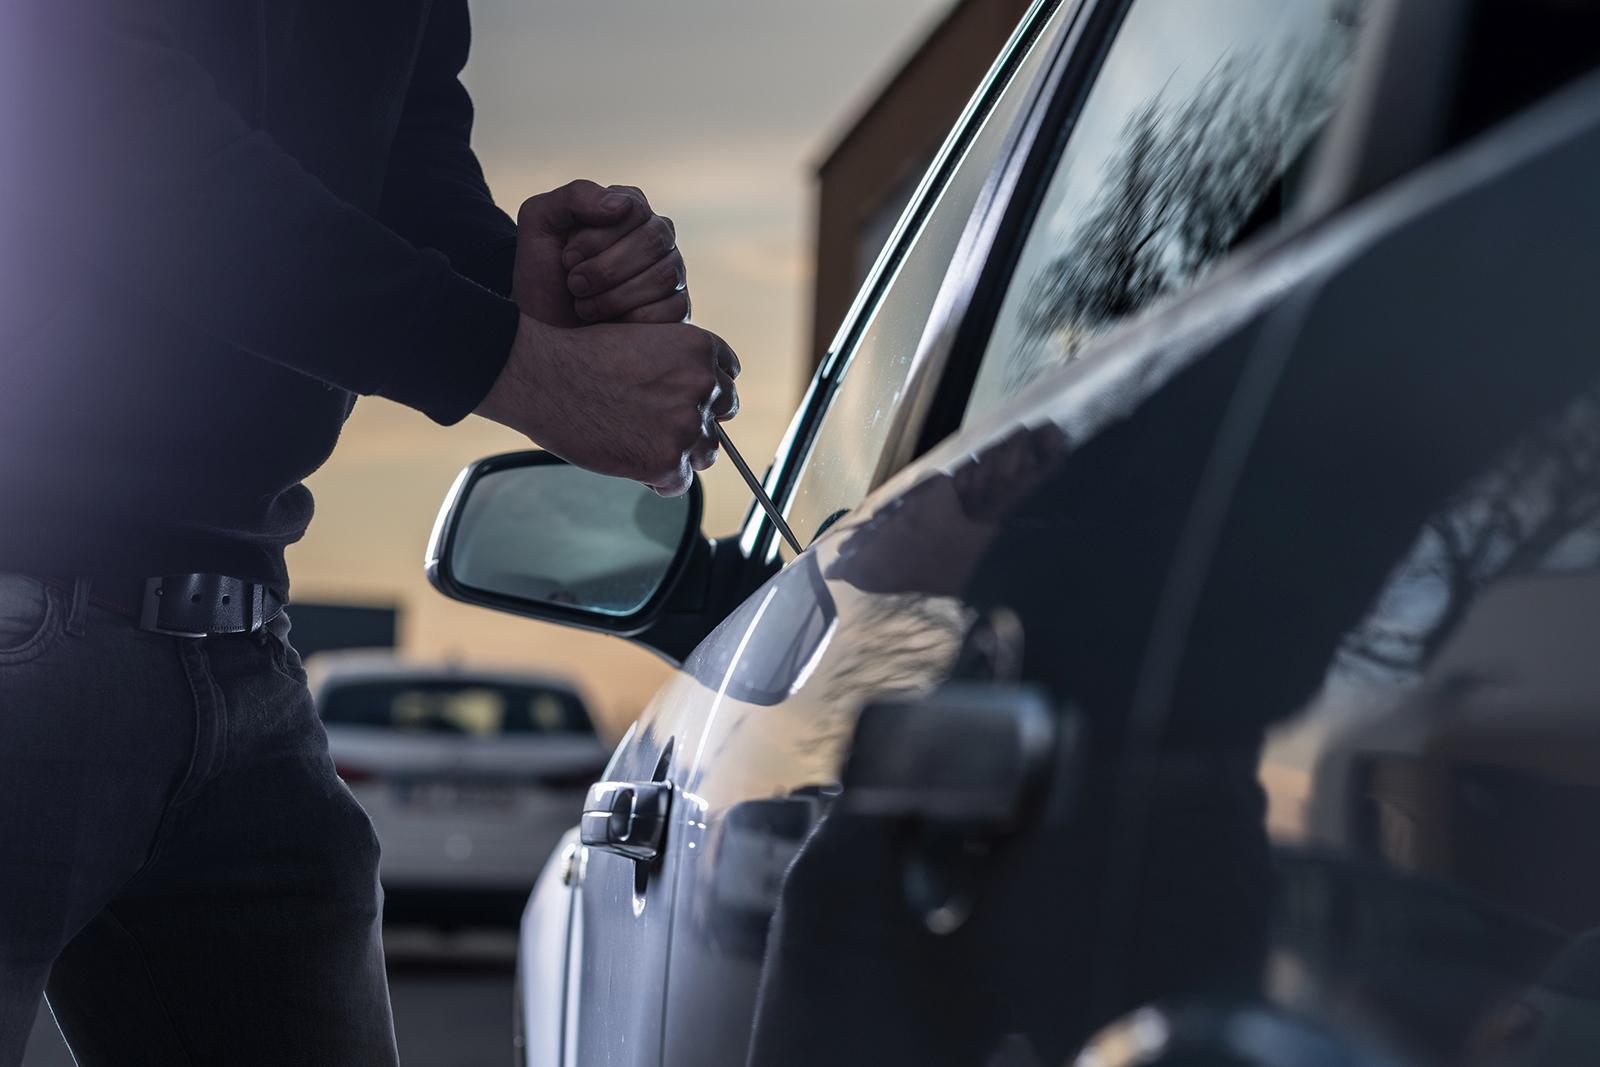 Auch wenn die Zahl rückläufig ist: 2017 wurden knapp 2.700 Fahrzeuge gestohlen.